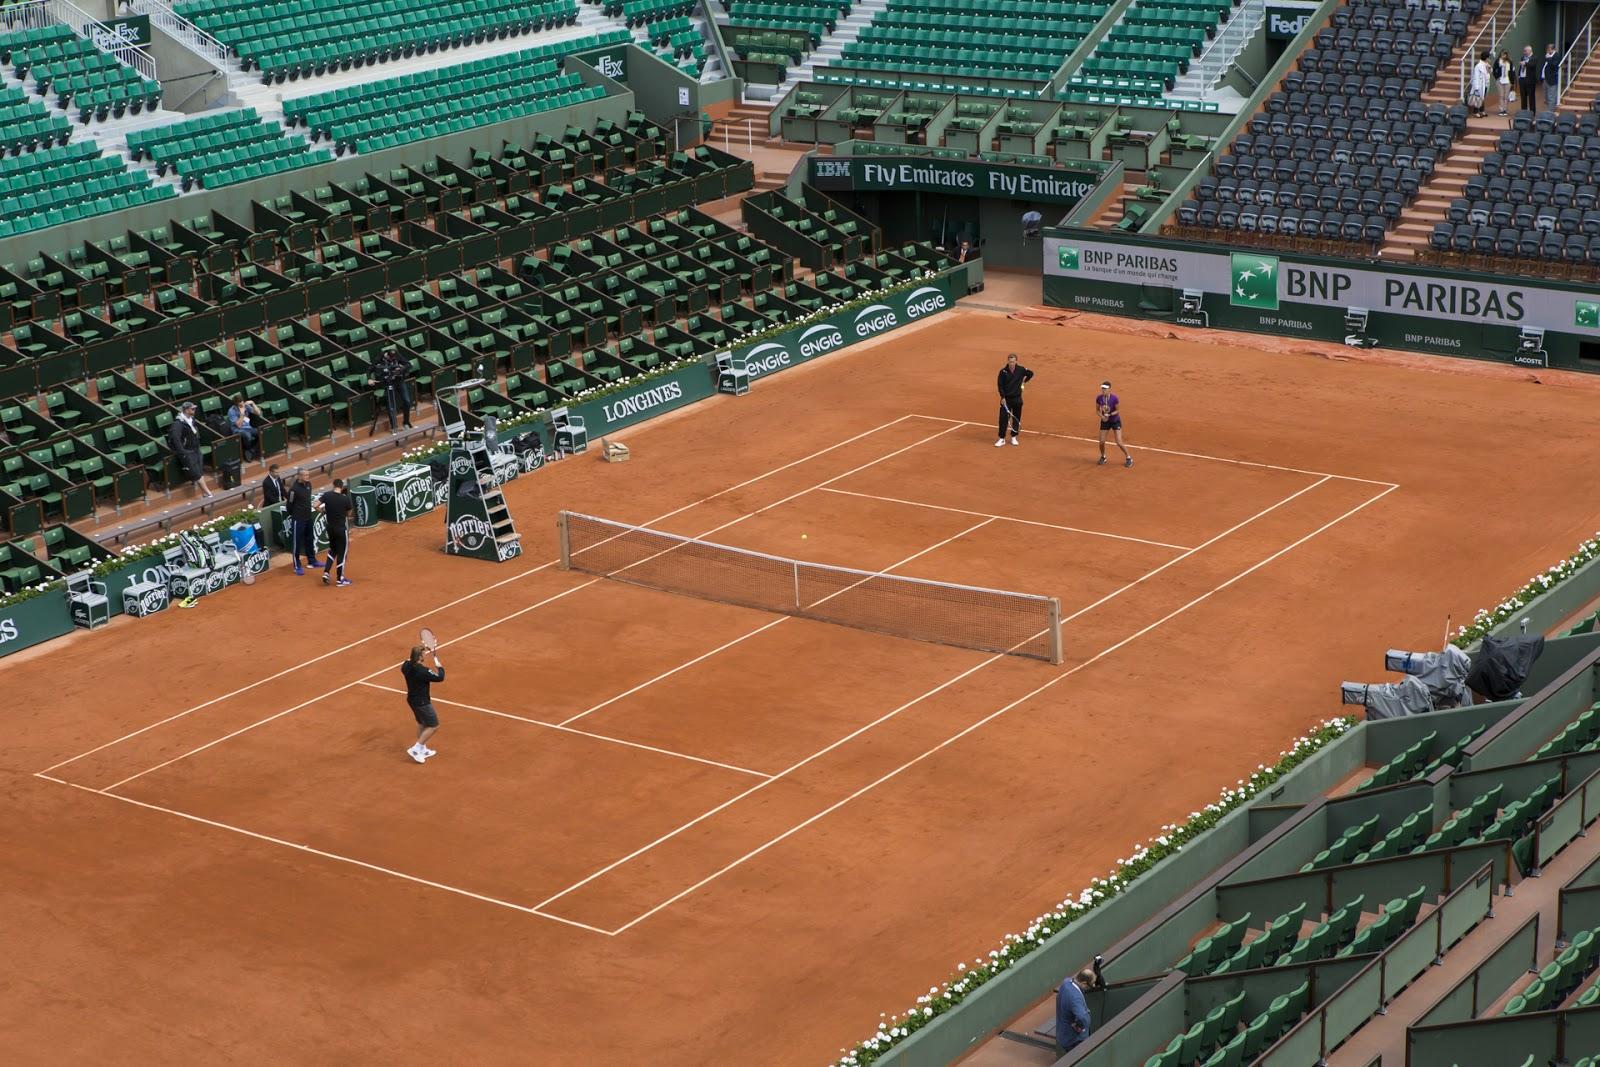 Roland Garros 2015 court tennis